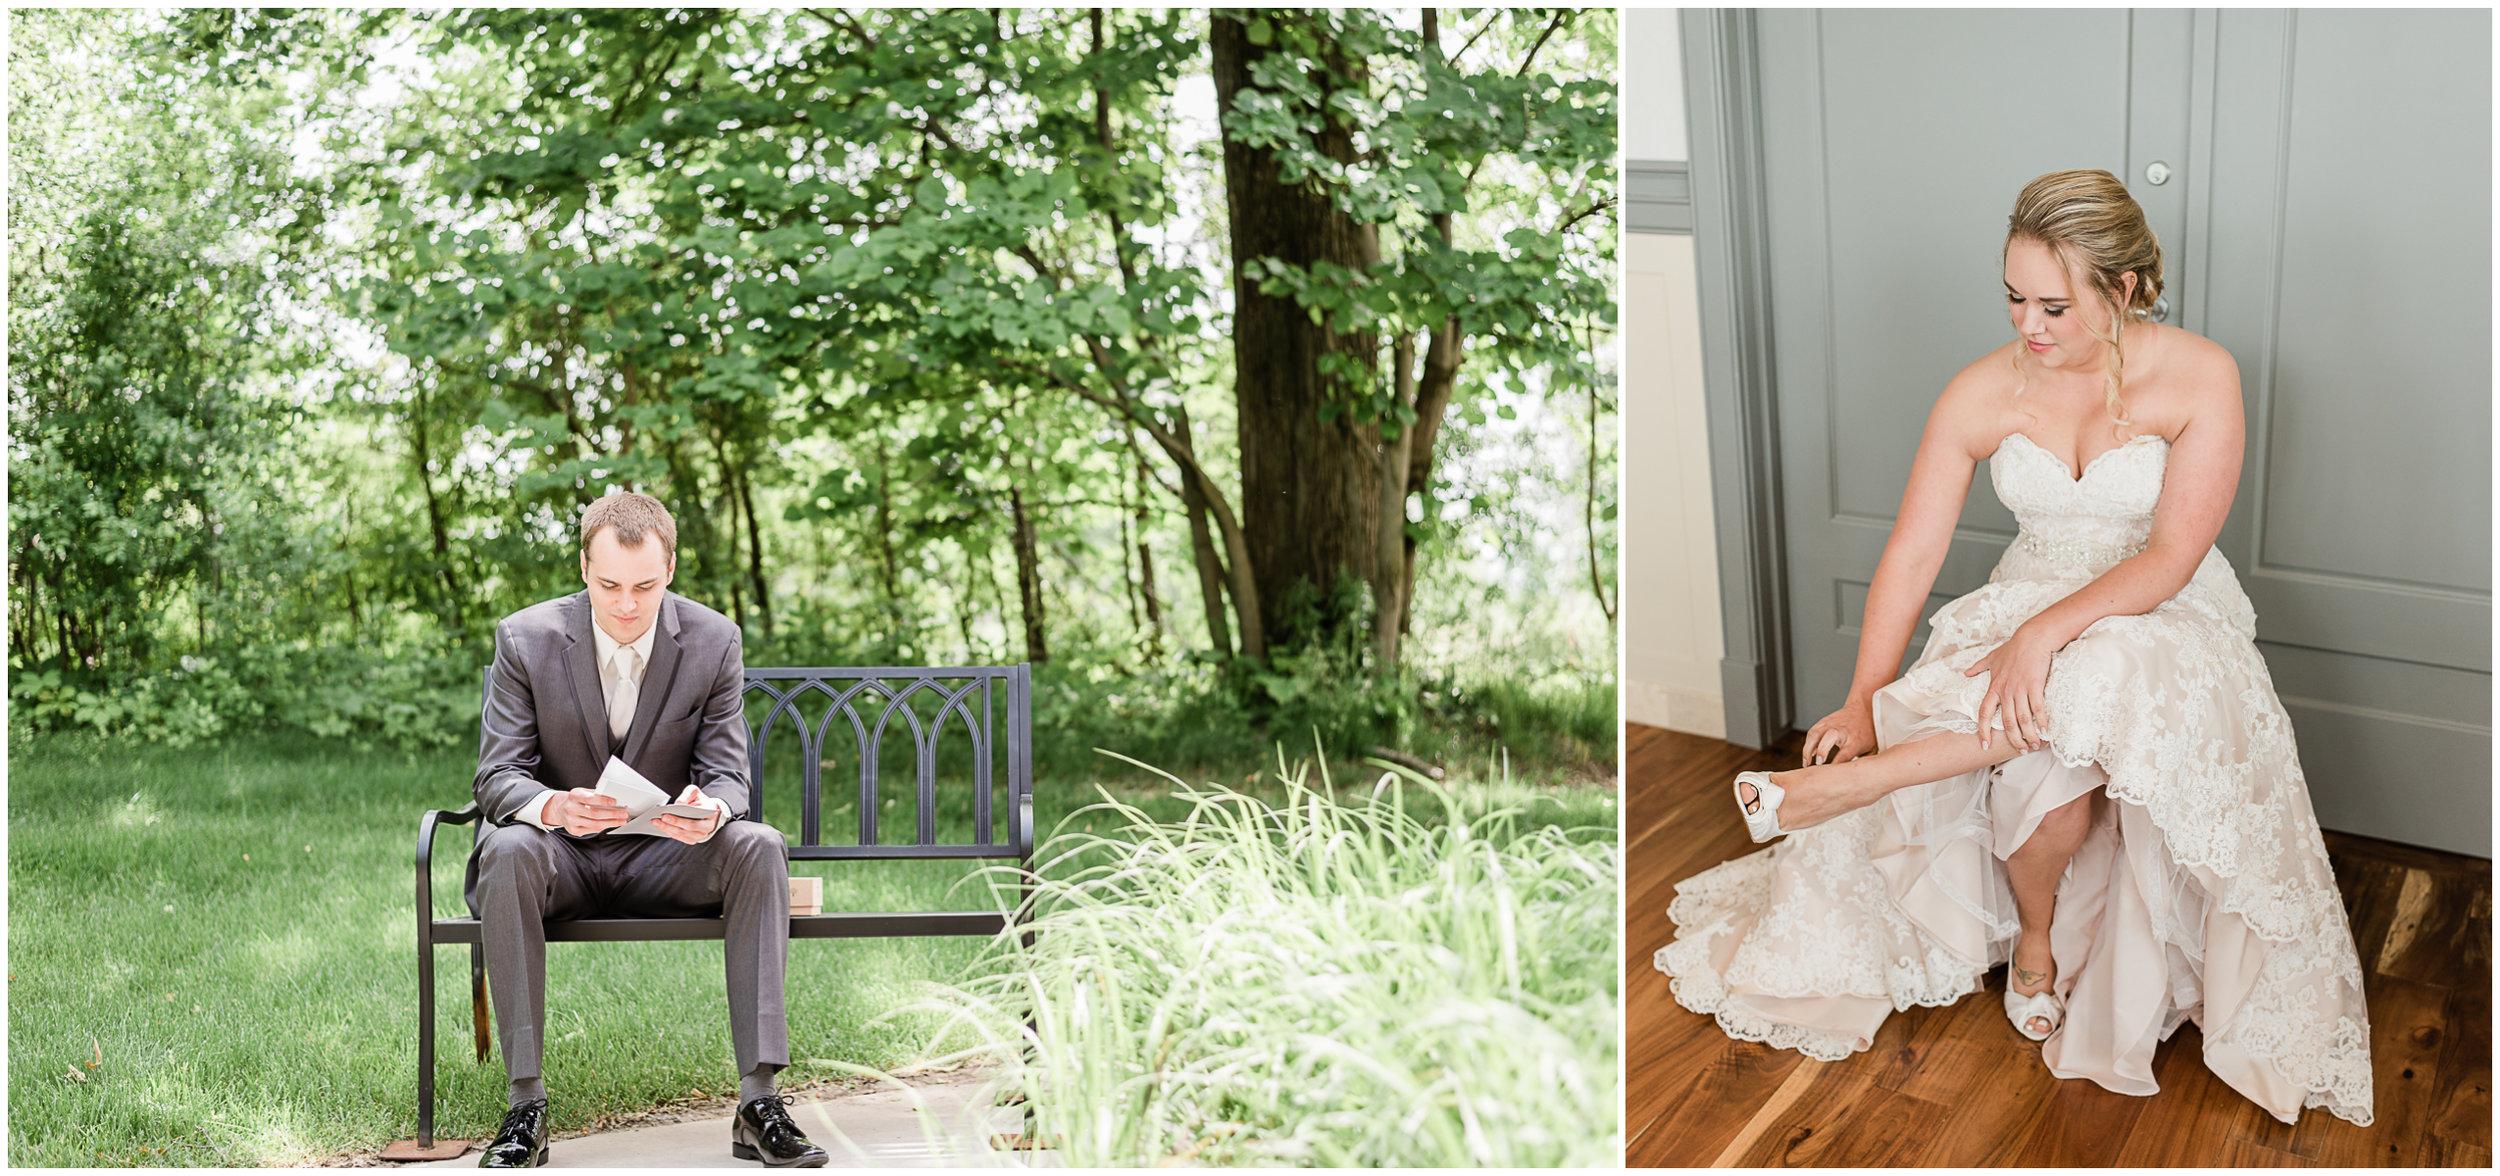 minocqua-wisconsin-wedding-photographer-rhinelander-eagle-river-senior-photography-engagement-family-woodruff12.jpg